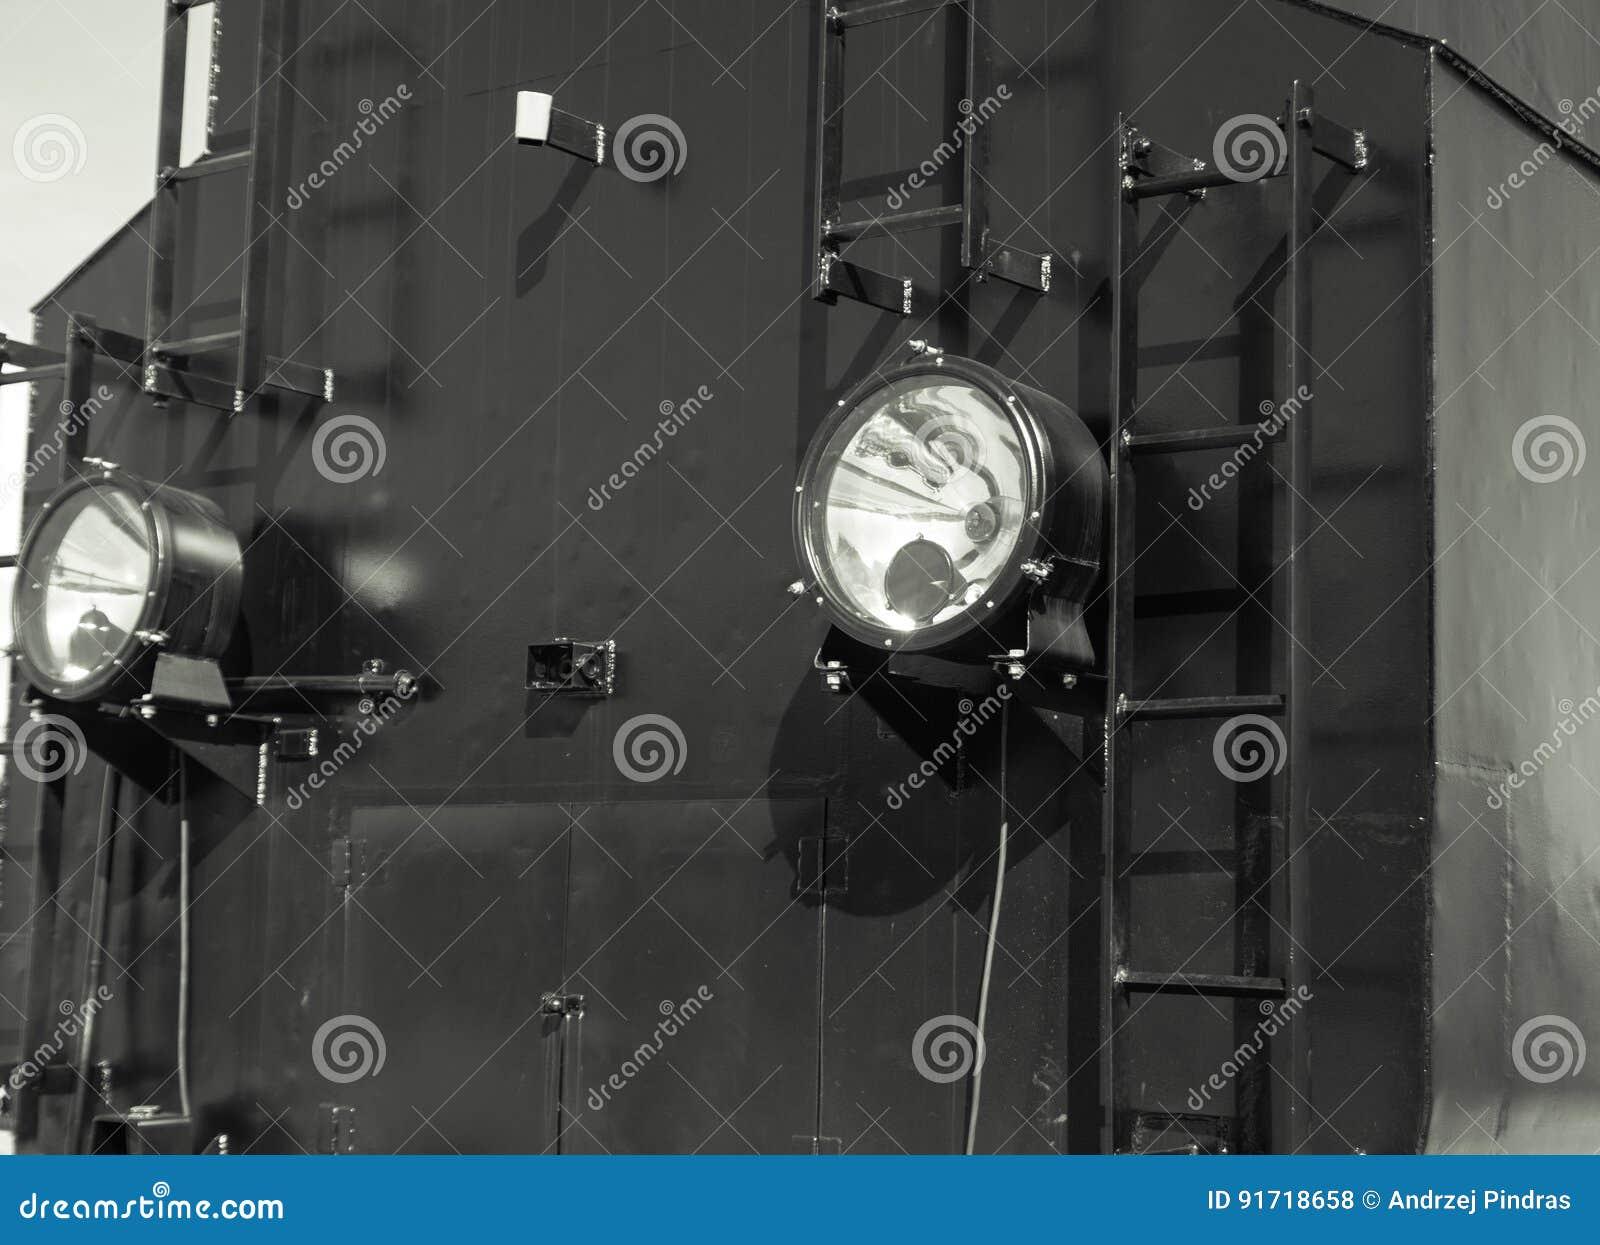 Detalhes de locomotiva de vapor polonesa